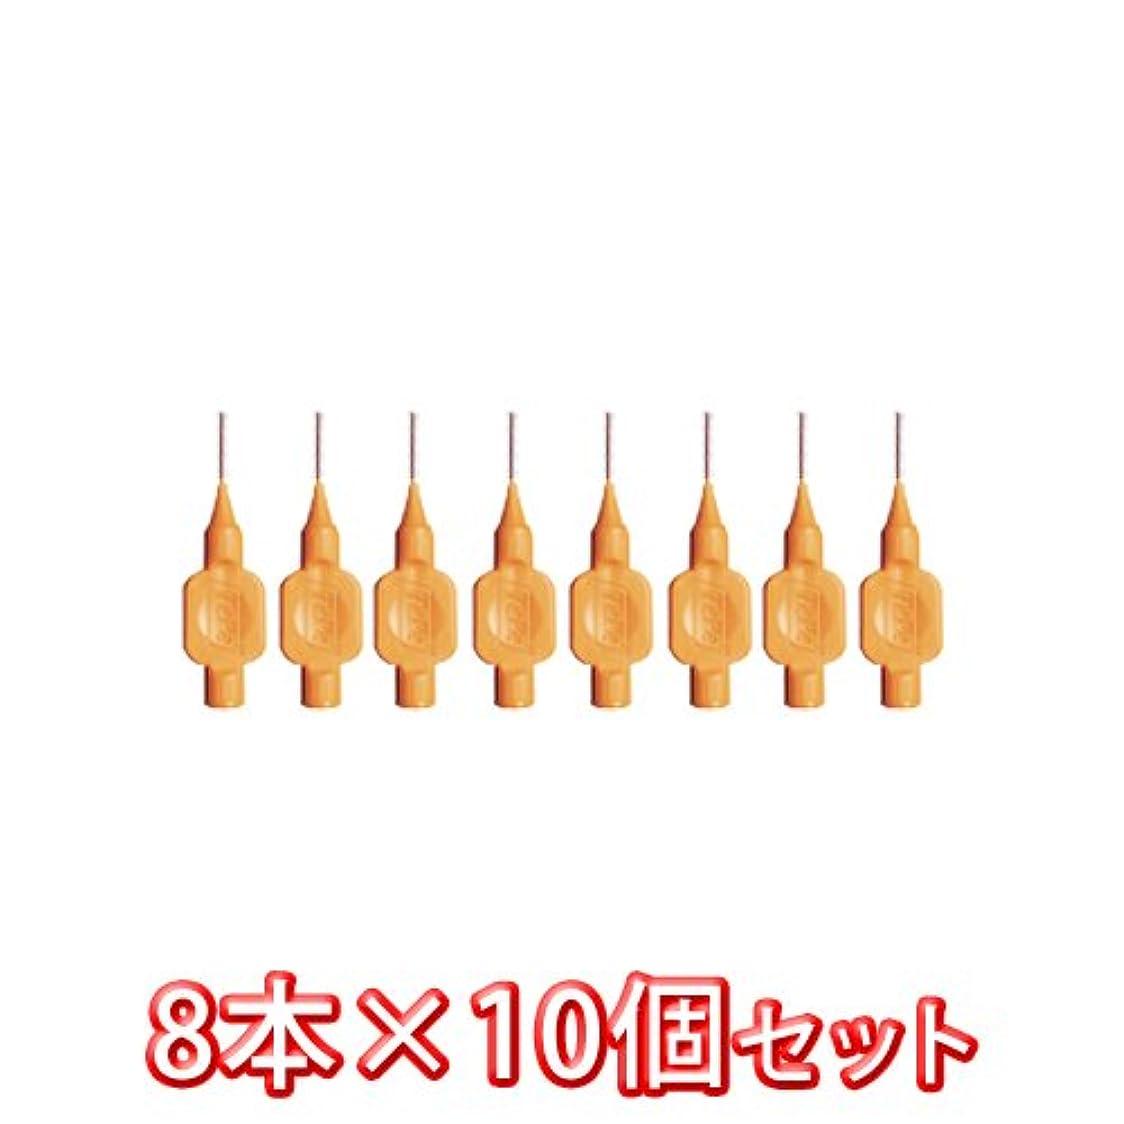 収まる市区町村警官クロスフィールド テペ 歯間ブラシ 8本入 × 10袋 オレンジ 0.45mm